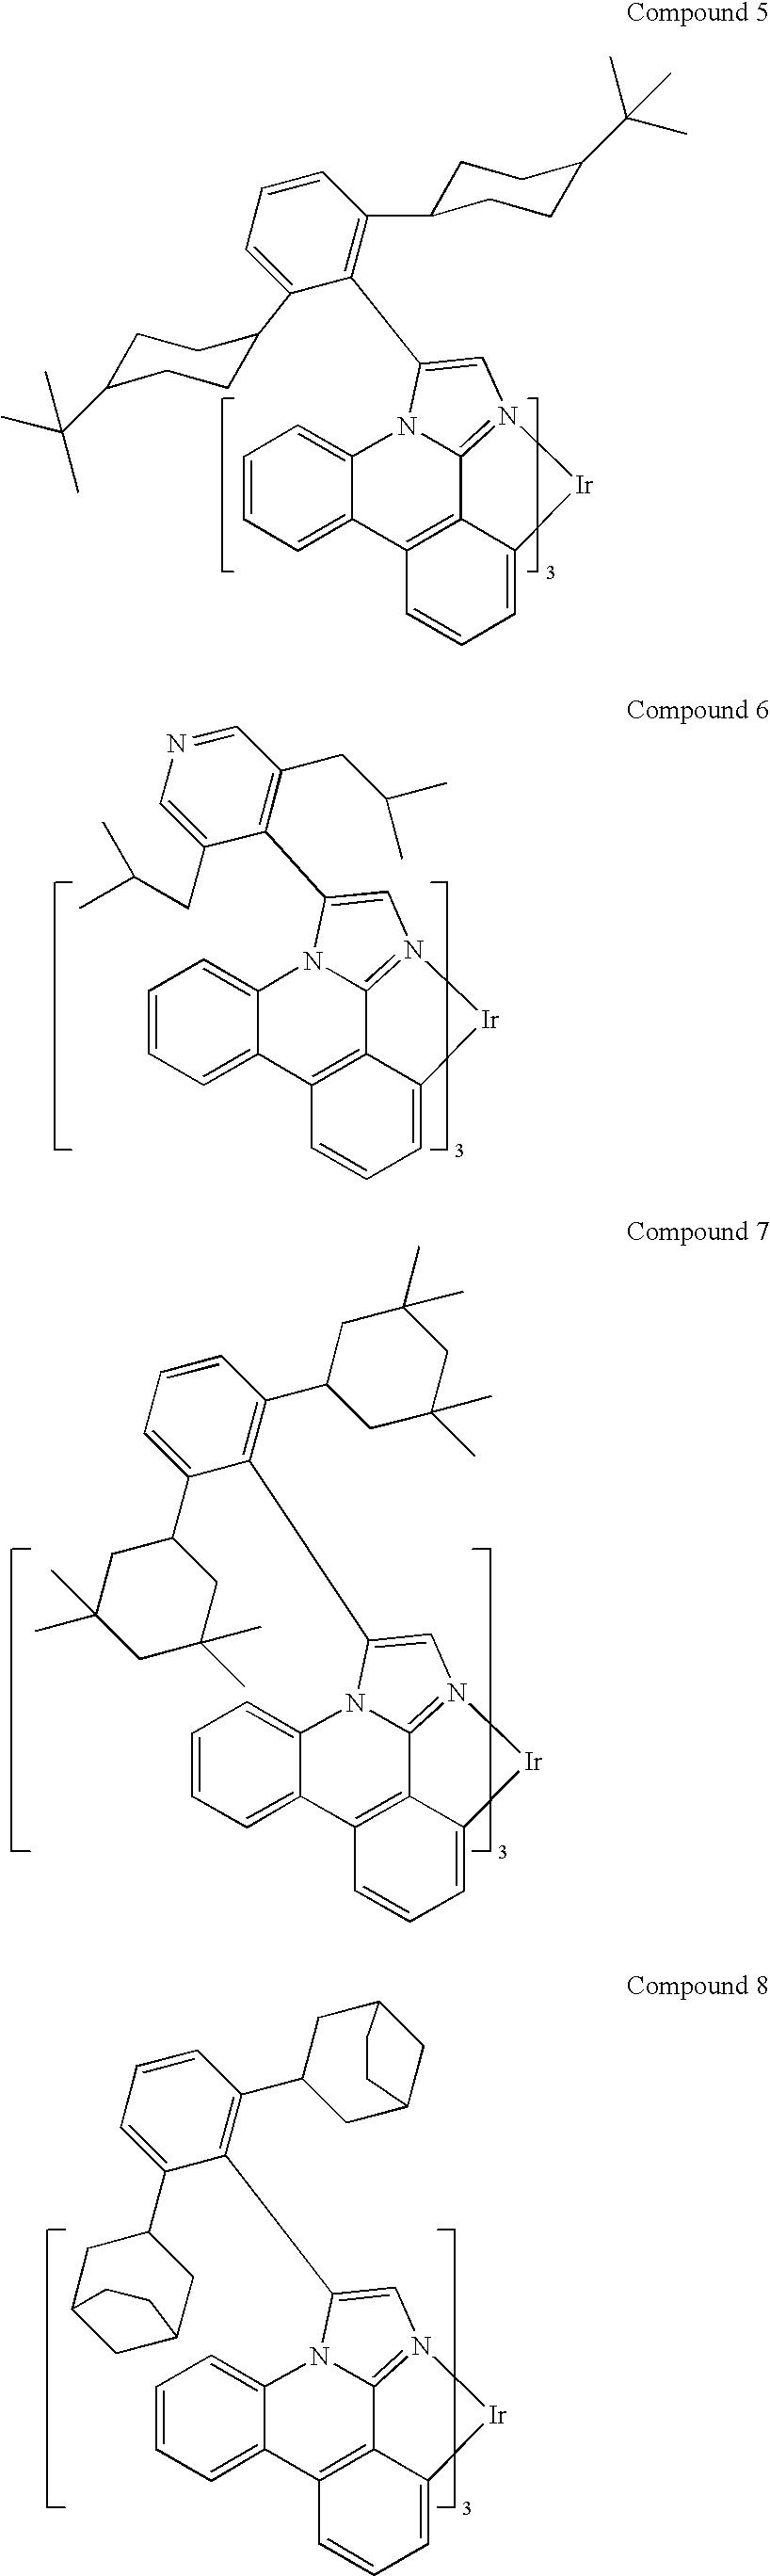 Figure US20100148663A1-20100617-C00175